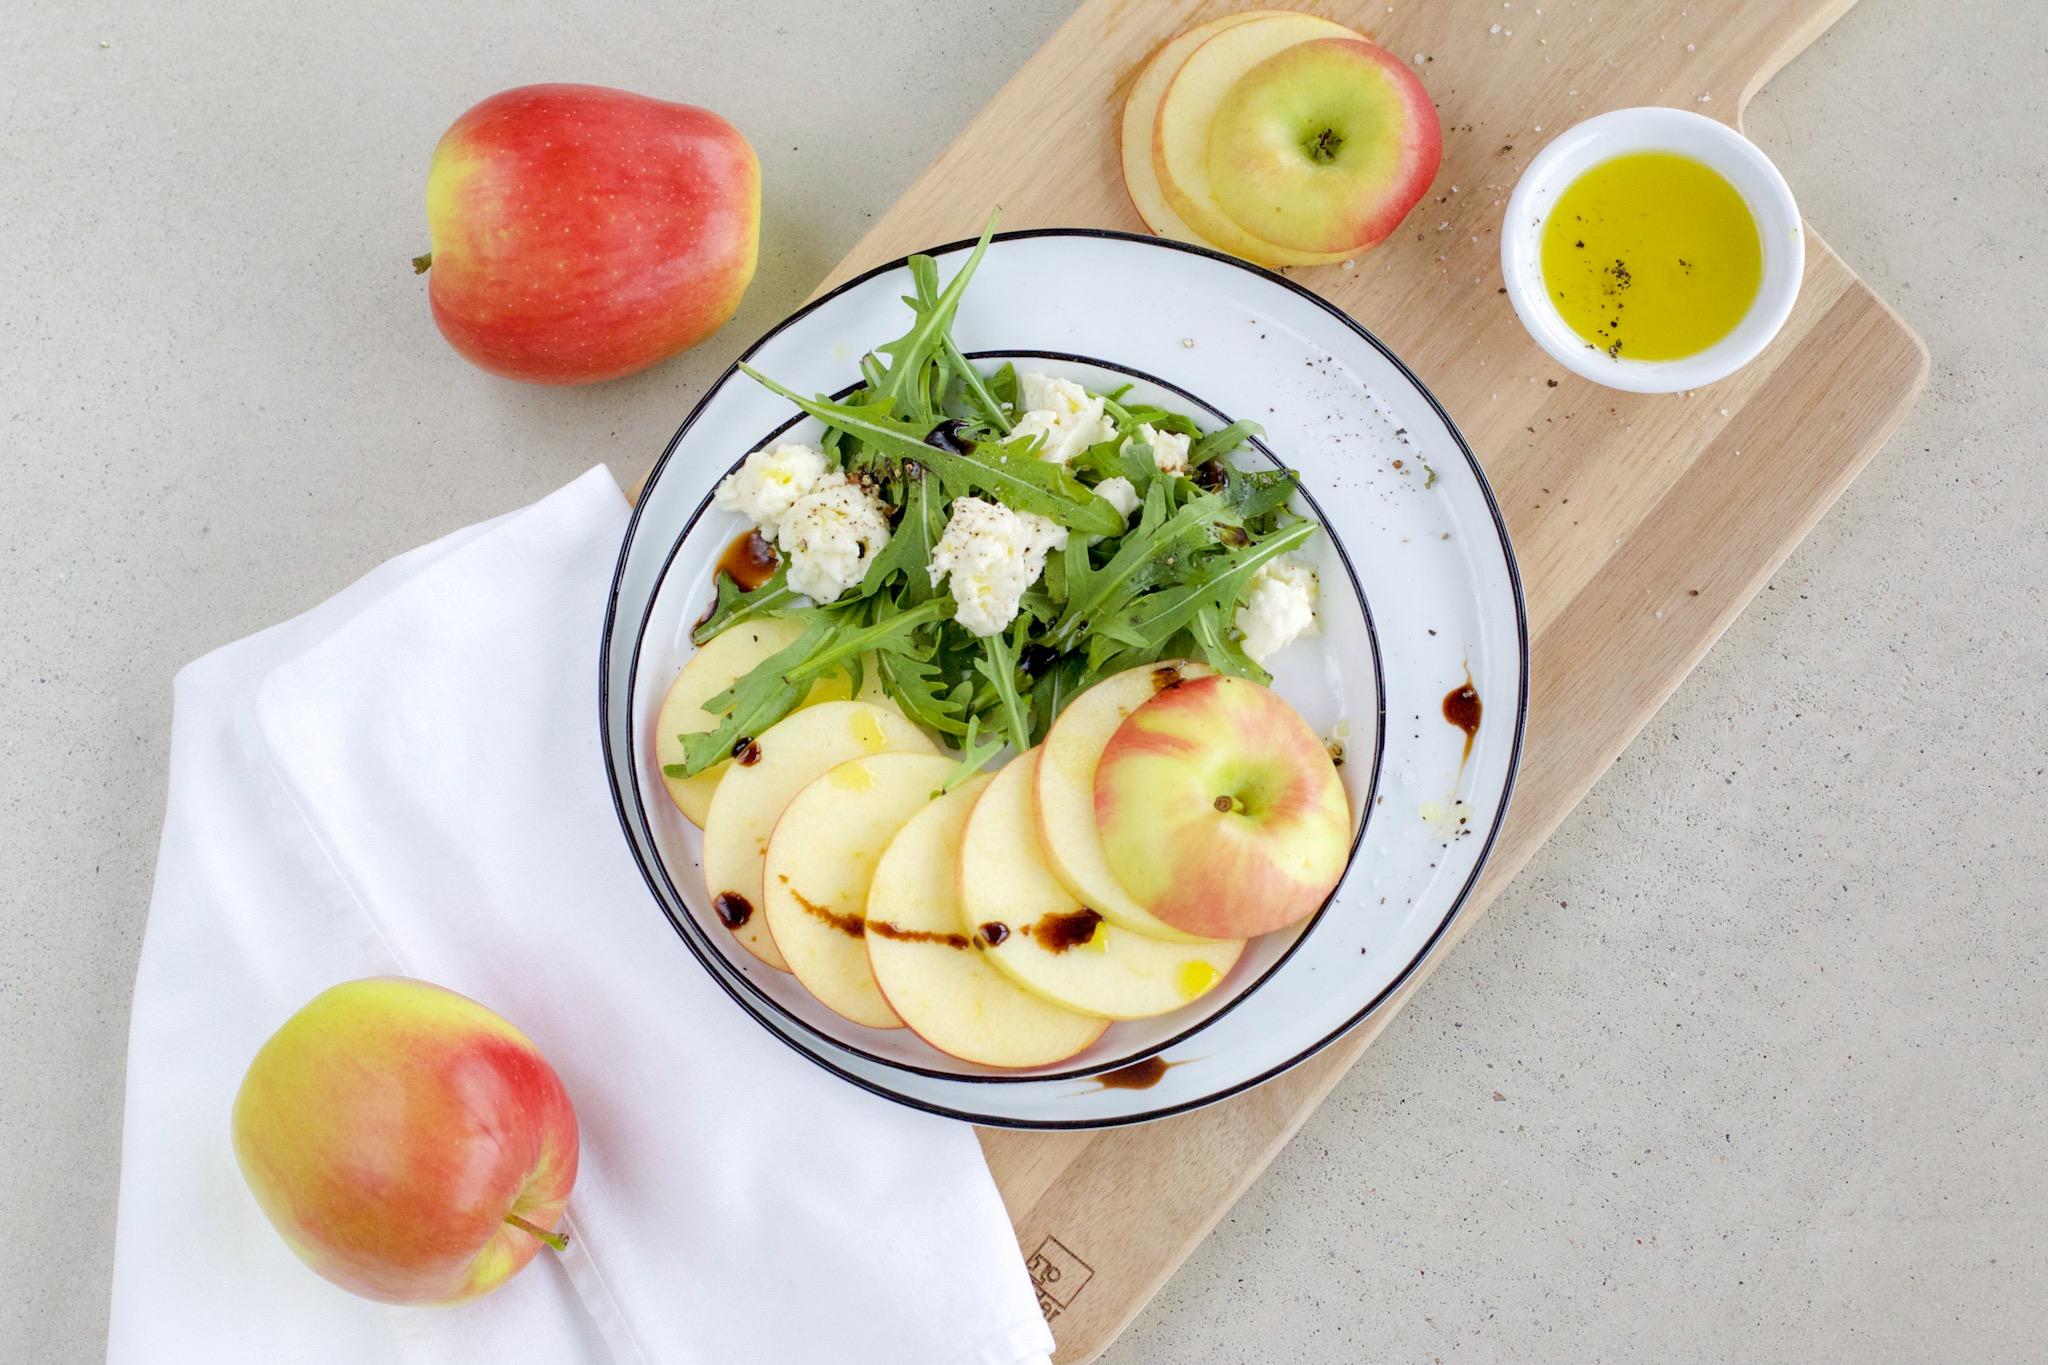 Apfel-Rucola-Salat | Leicht & Gesund in 5-Minuten zubereitet.